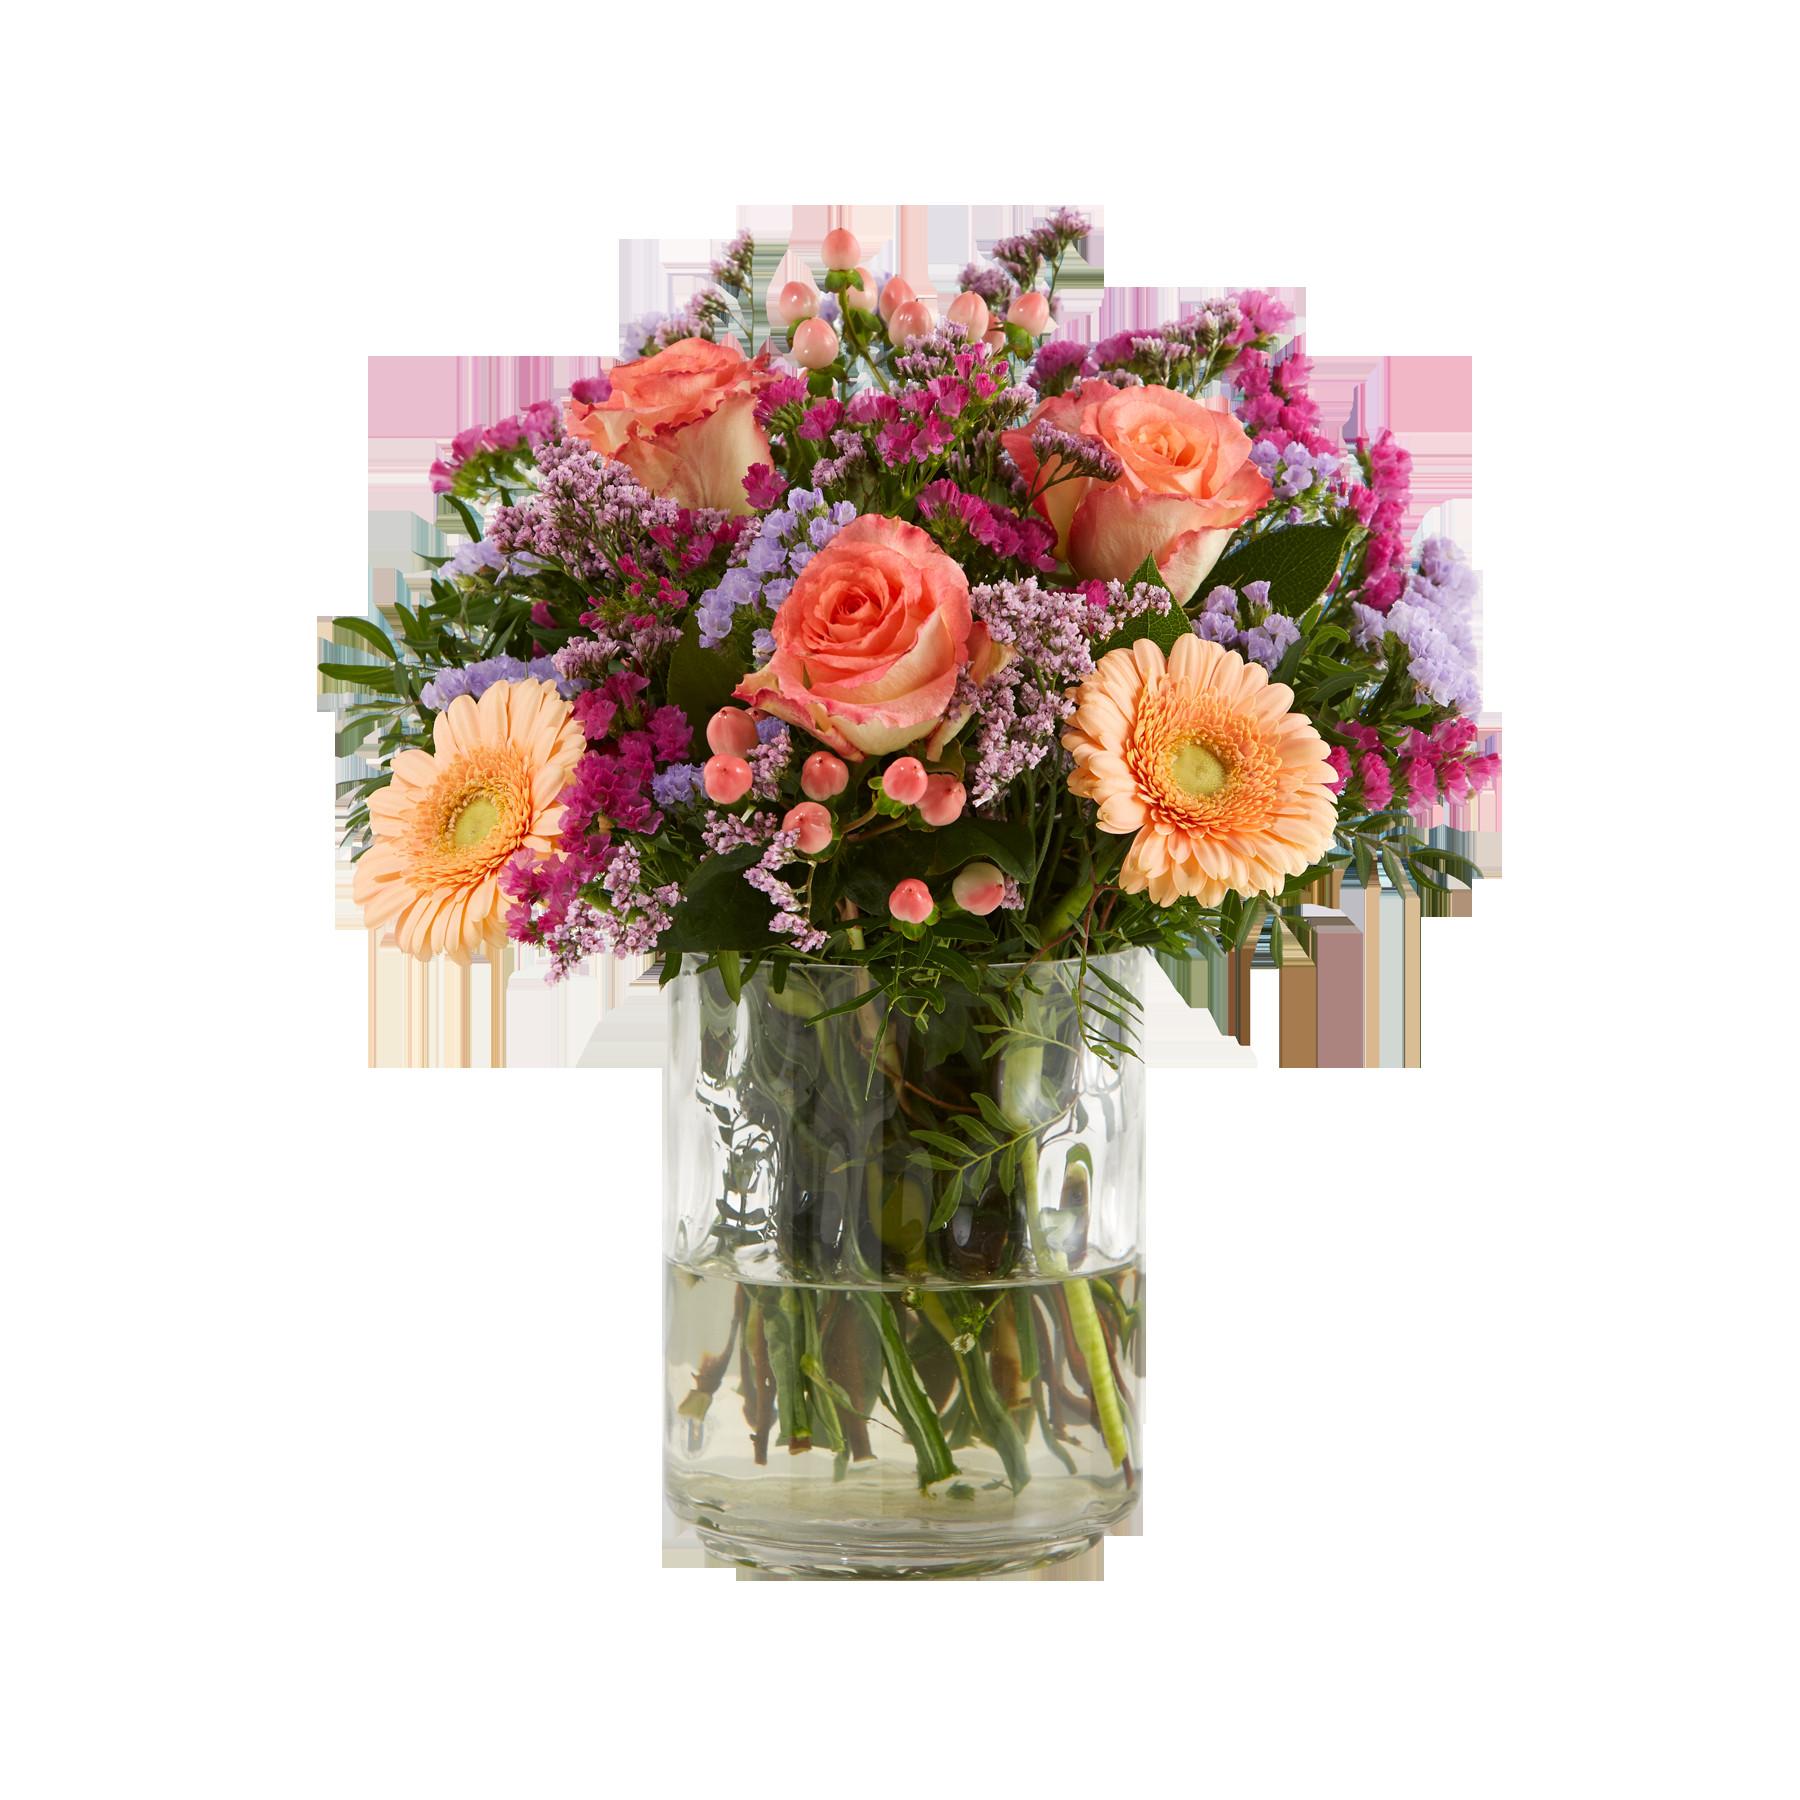 Blumen Für Geburtstag  Blumen zum Geburtstag › Blumenversand Vergleich